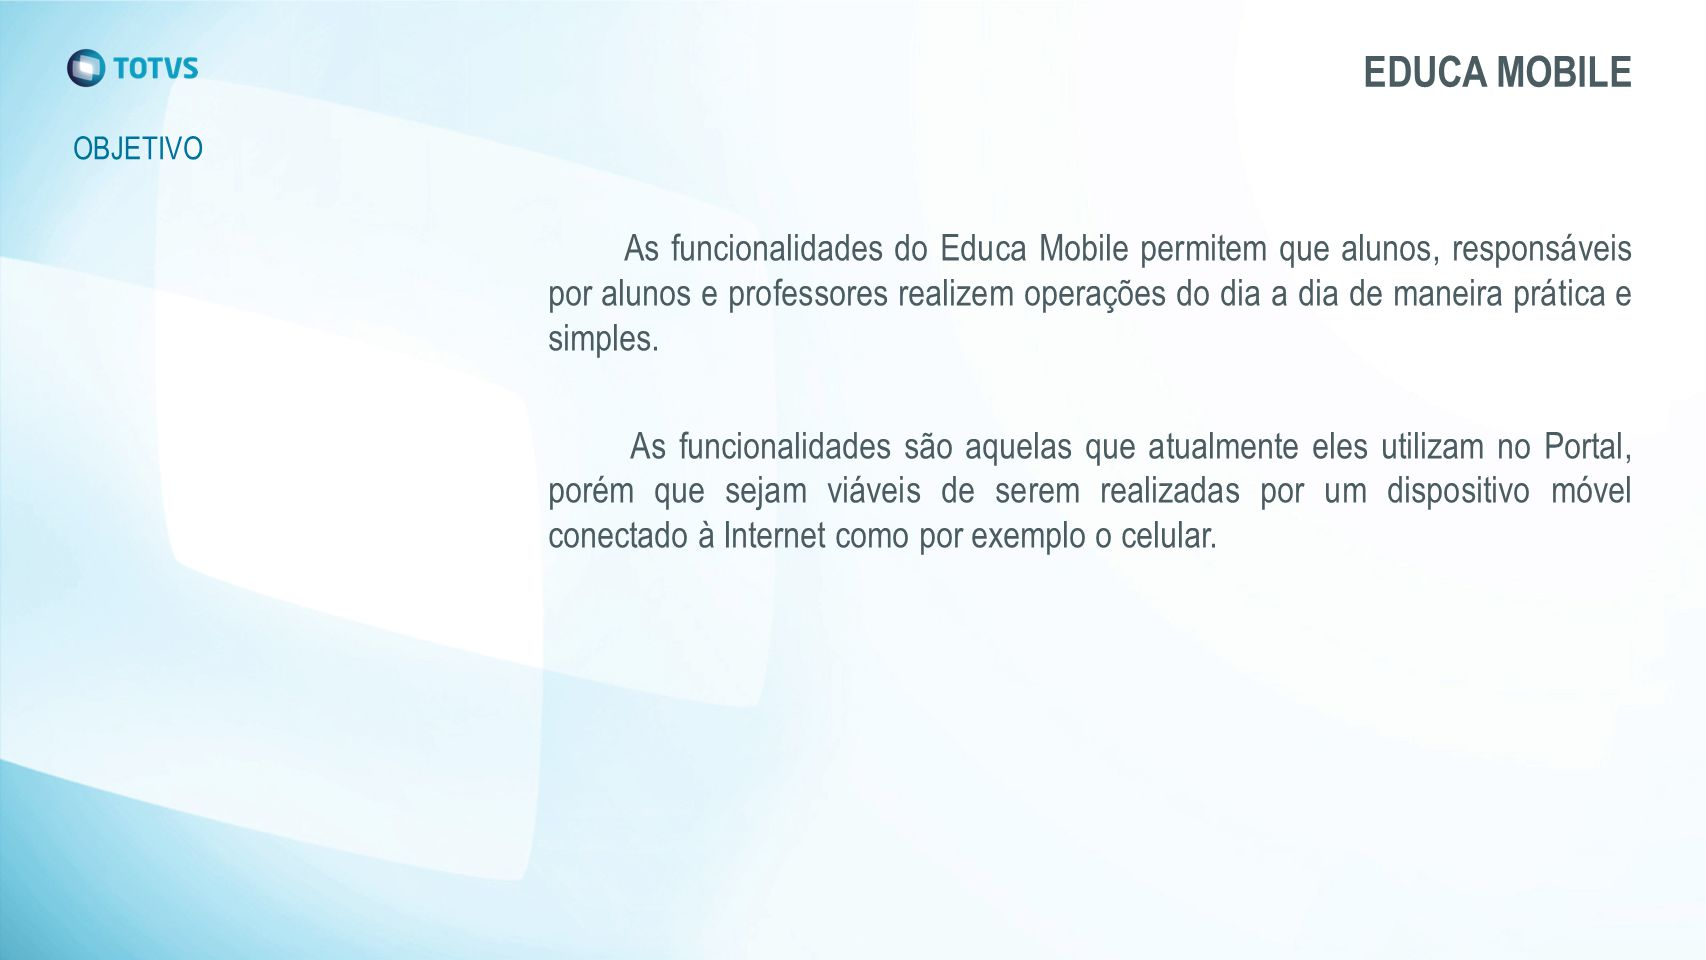 EDUCA MOBILE OBJETIVO As funcionalidades do Educa Mobile permitem que alunos, responsáveis por alunos e professores realizem operações do dia a dia de